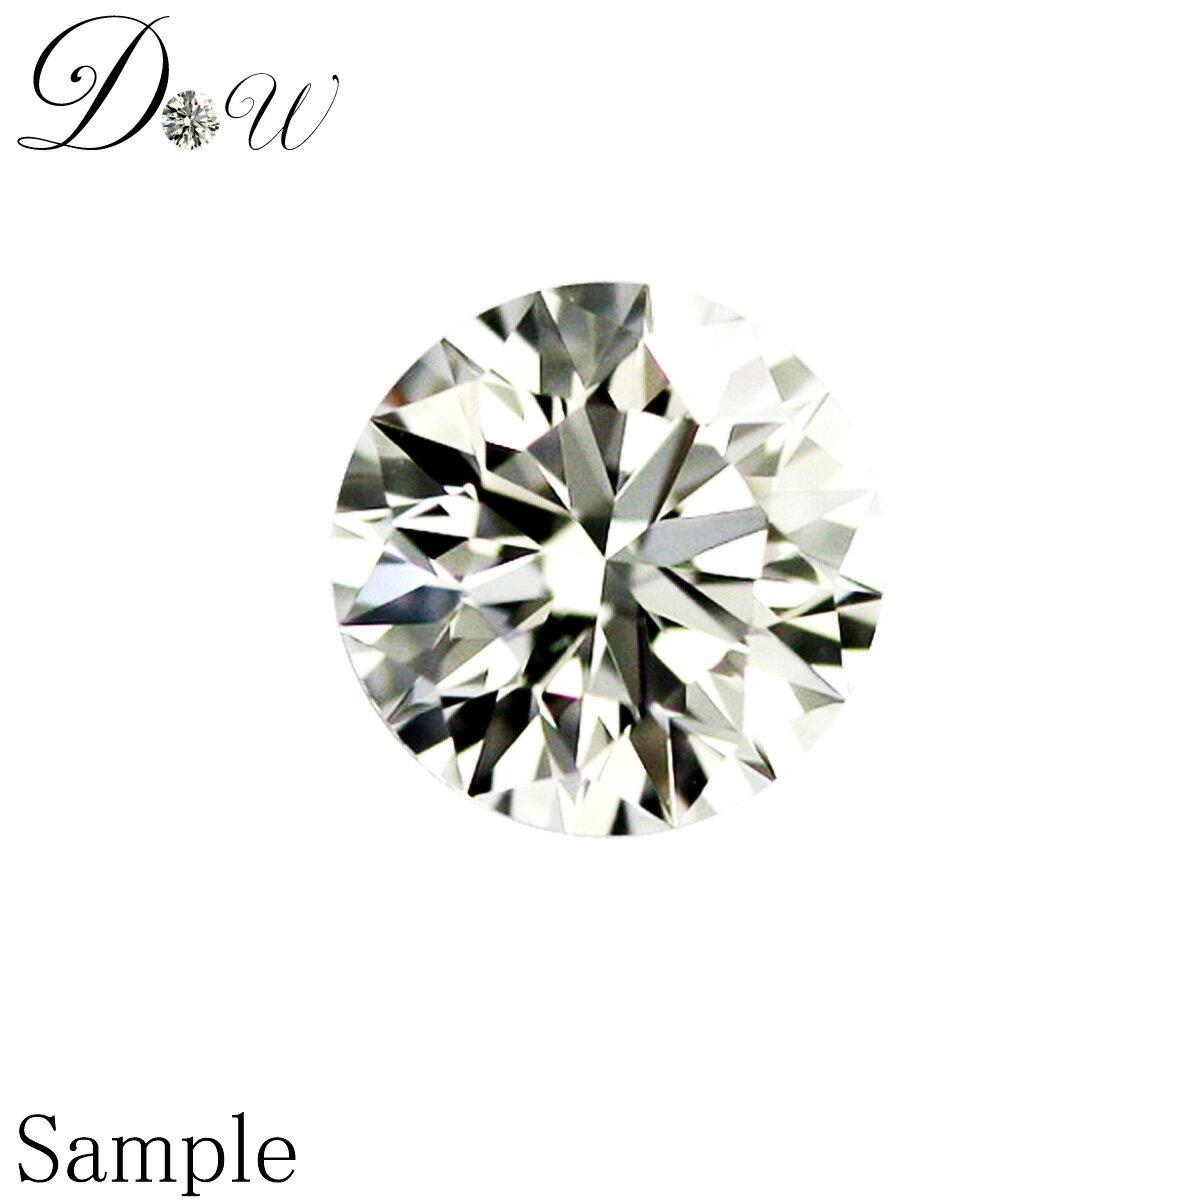 中央宝石研究所鑑定書付き ダイヤモンドルース0.50ct G-SI1-Excellent 【送料無料】【 ダイヤモンド輝き厳選保証 】なめらかな(なめらかな)